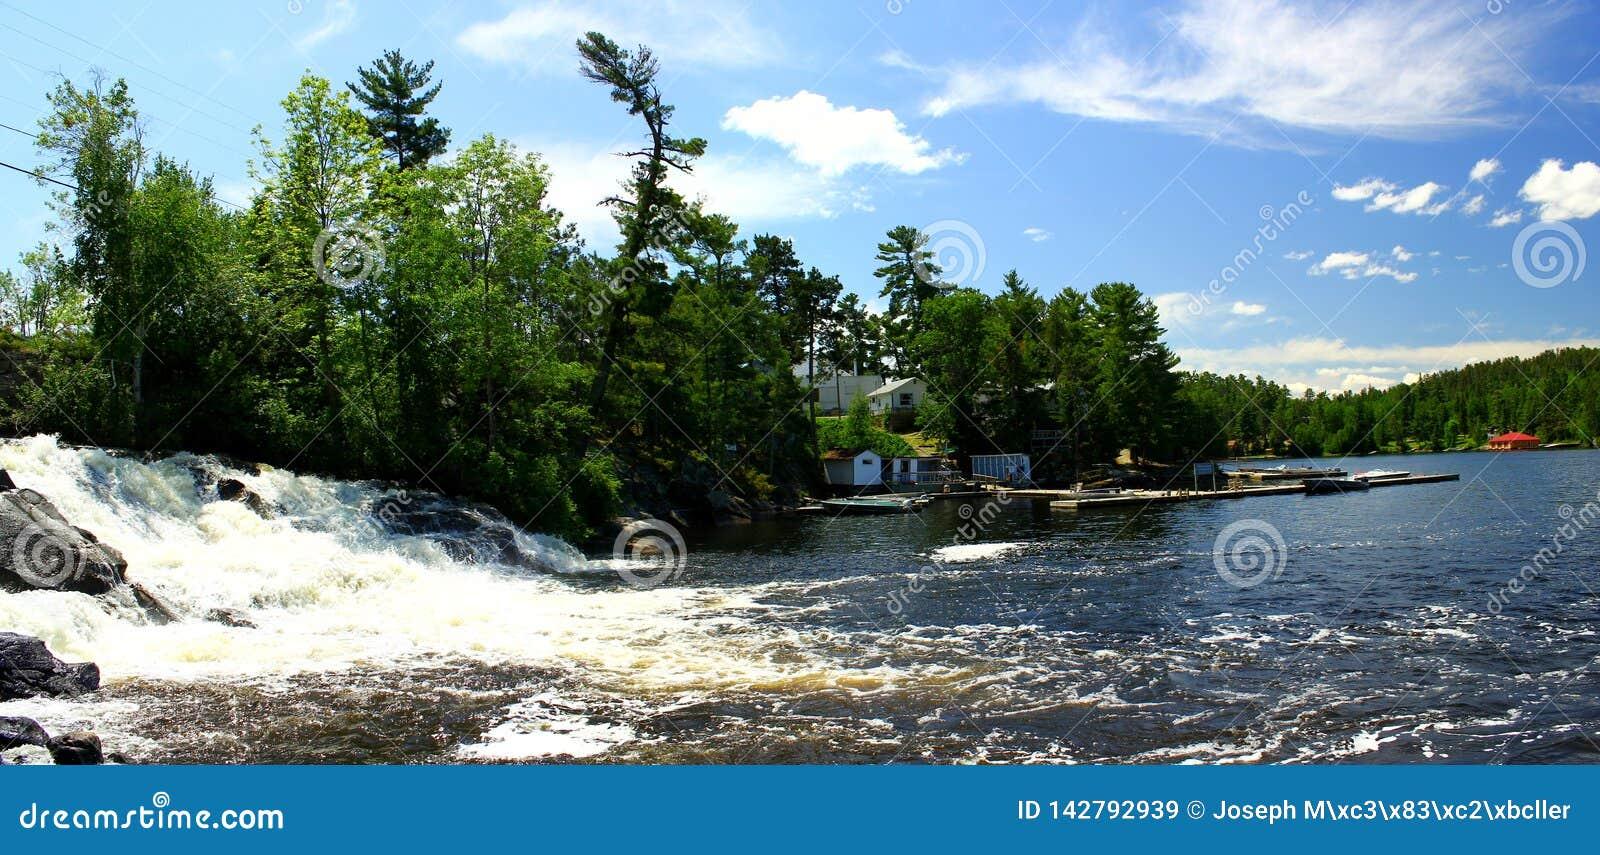 Cudowny letni dzień: Piękny jezioro w kanadyjskim lesie